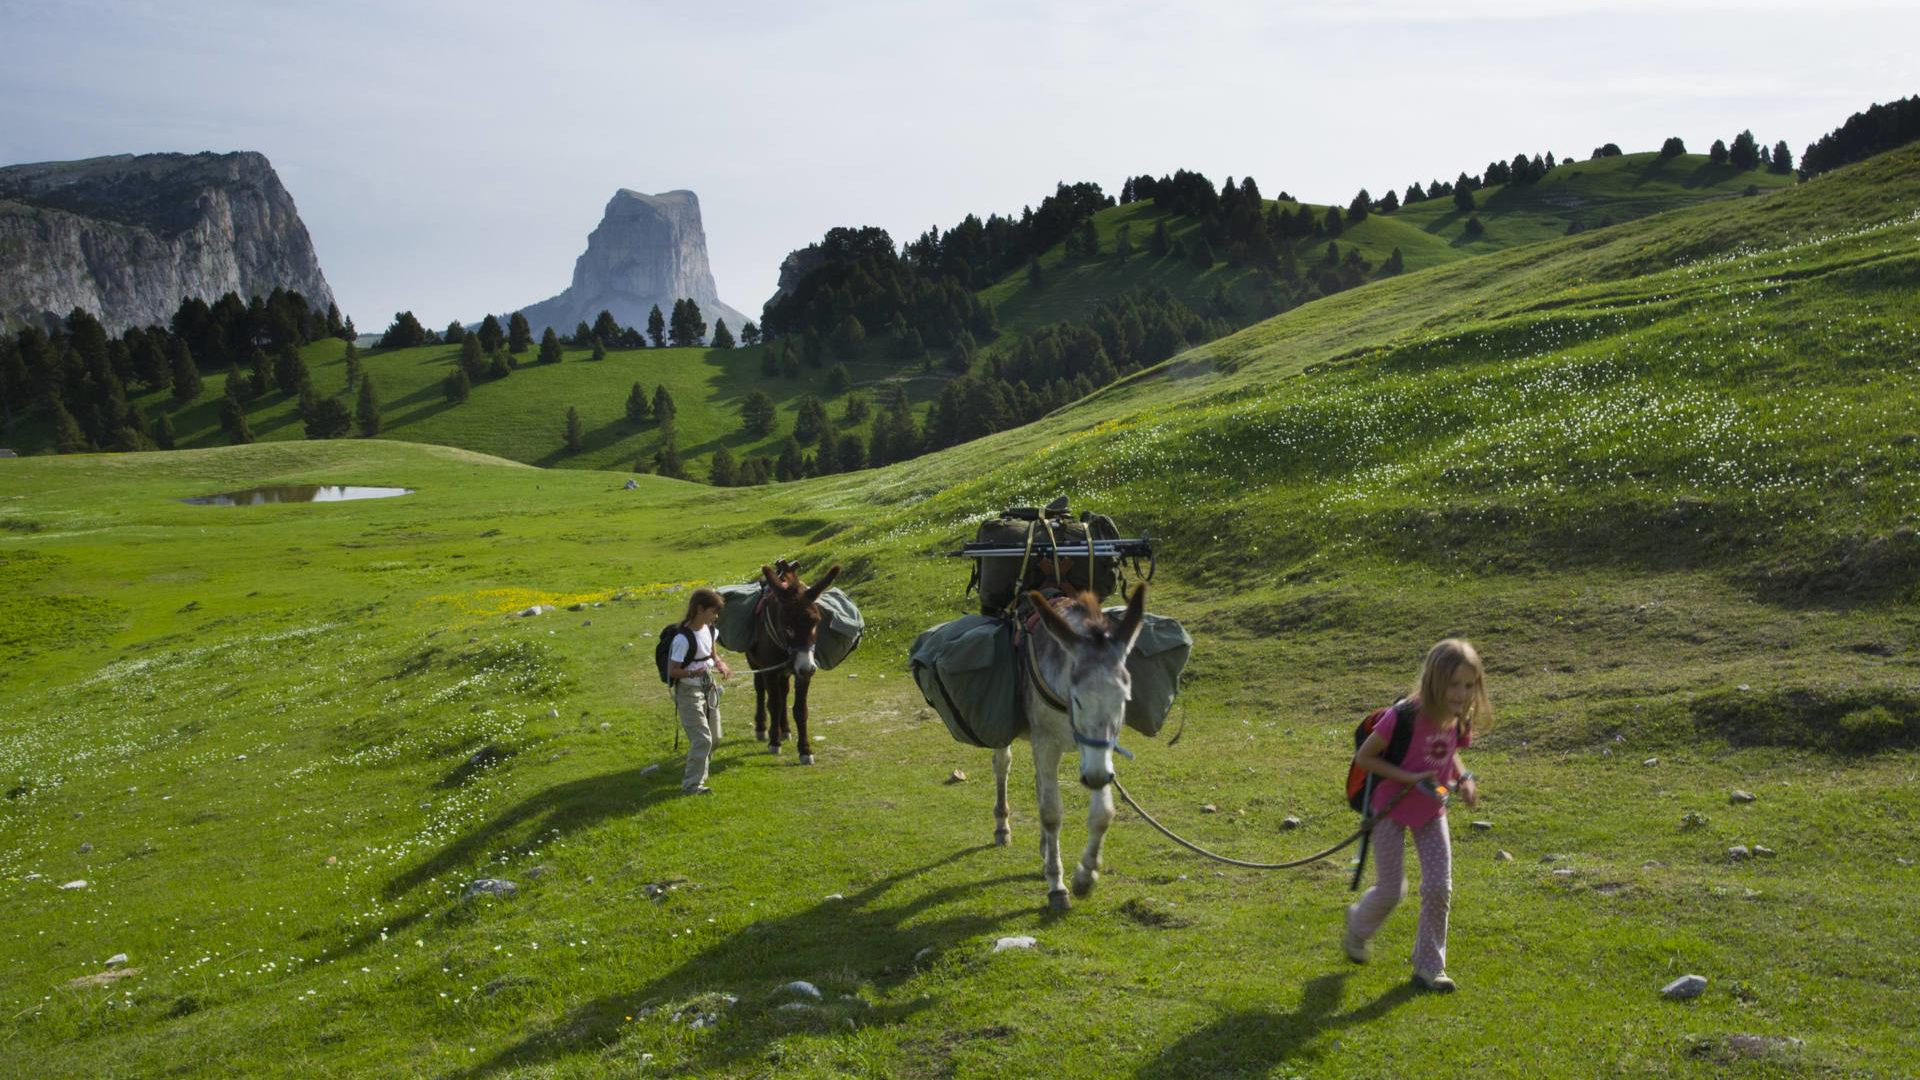 Randonnée dans le Vercors en famille avec des ânes © Sandrine et Matt BOOTH